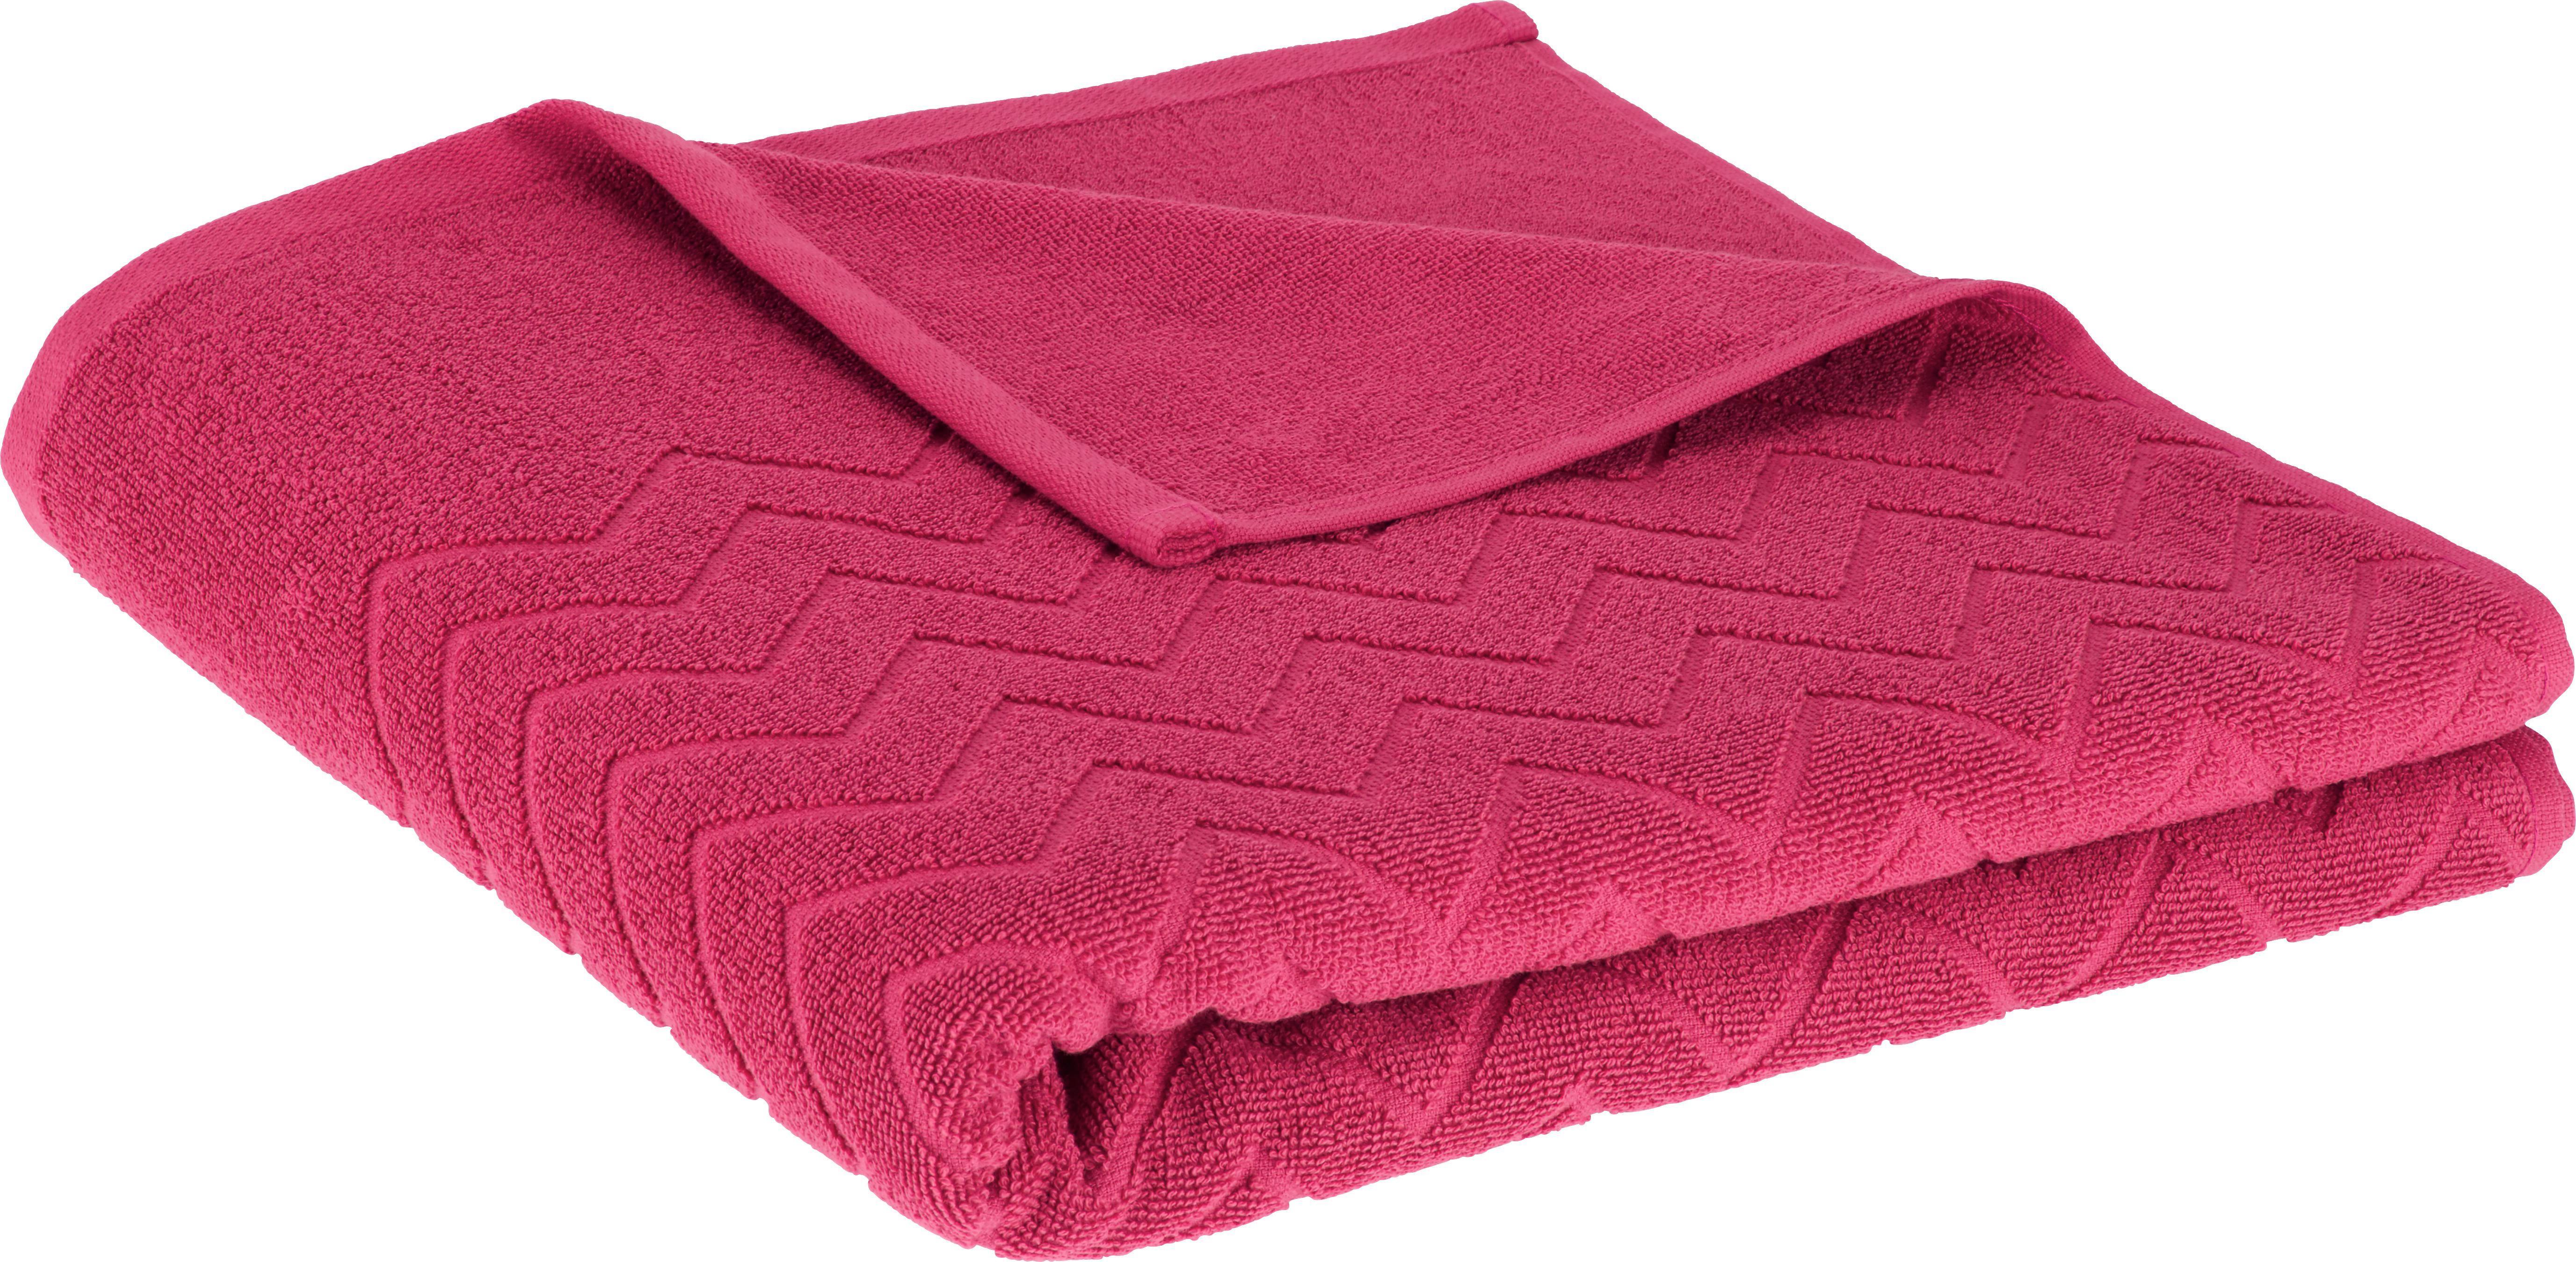 Duschtuch Peter in Pink - Pink, Textil (70/140cm) - MÖMAX modern living